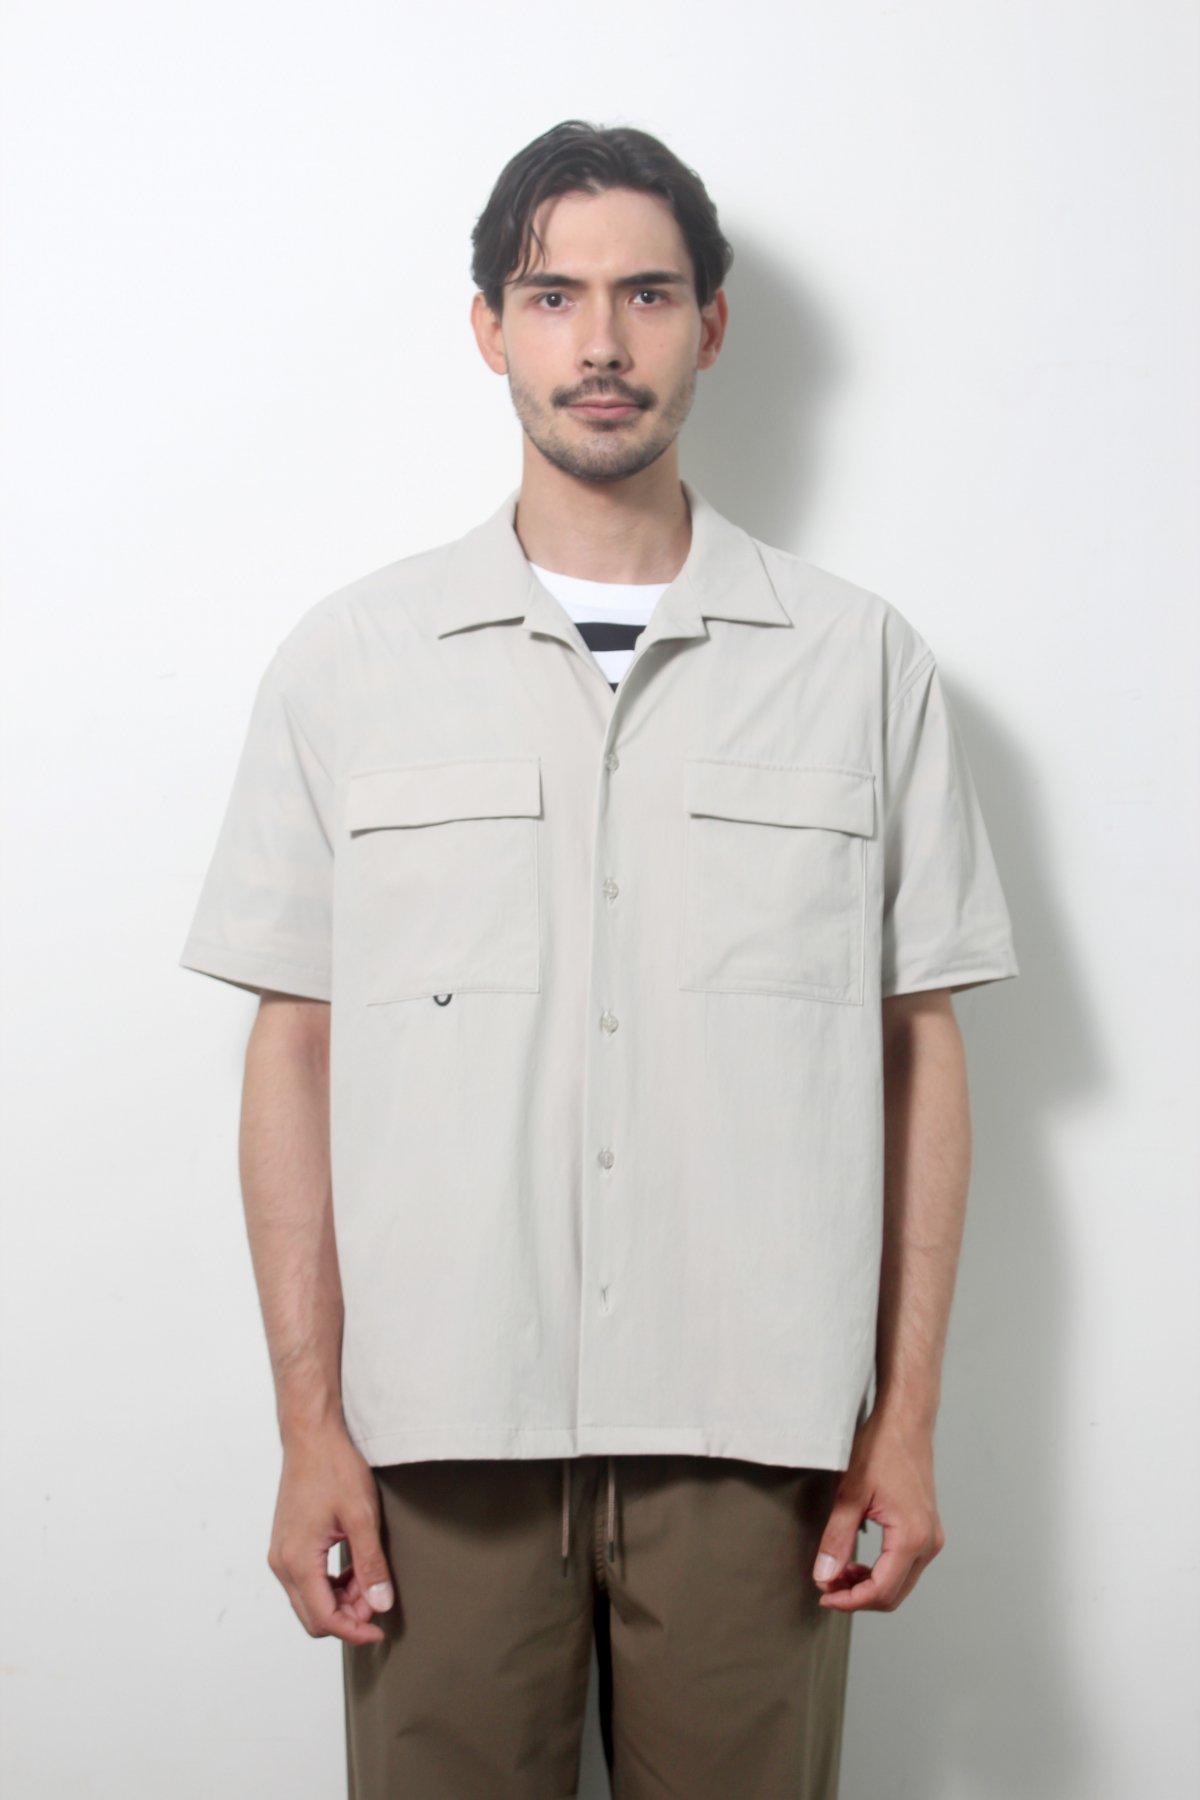 S/S W Pocket Shirts 詳細画像4